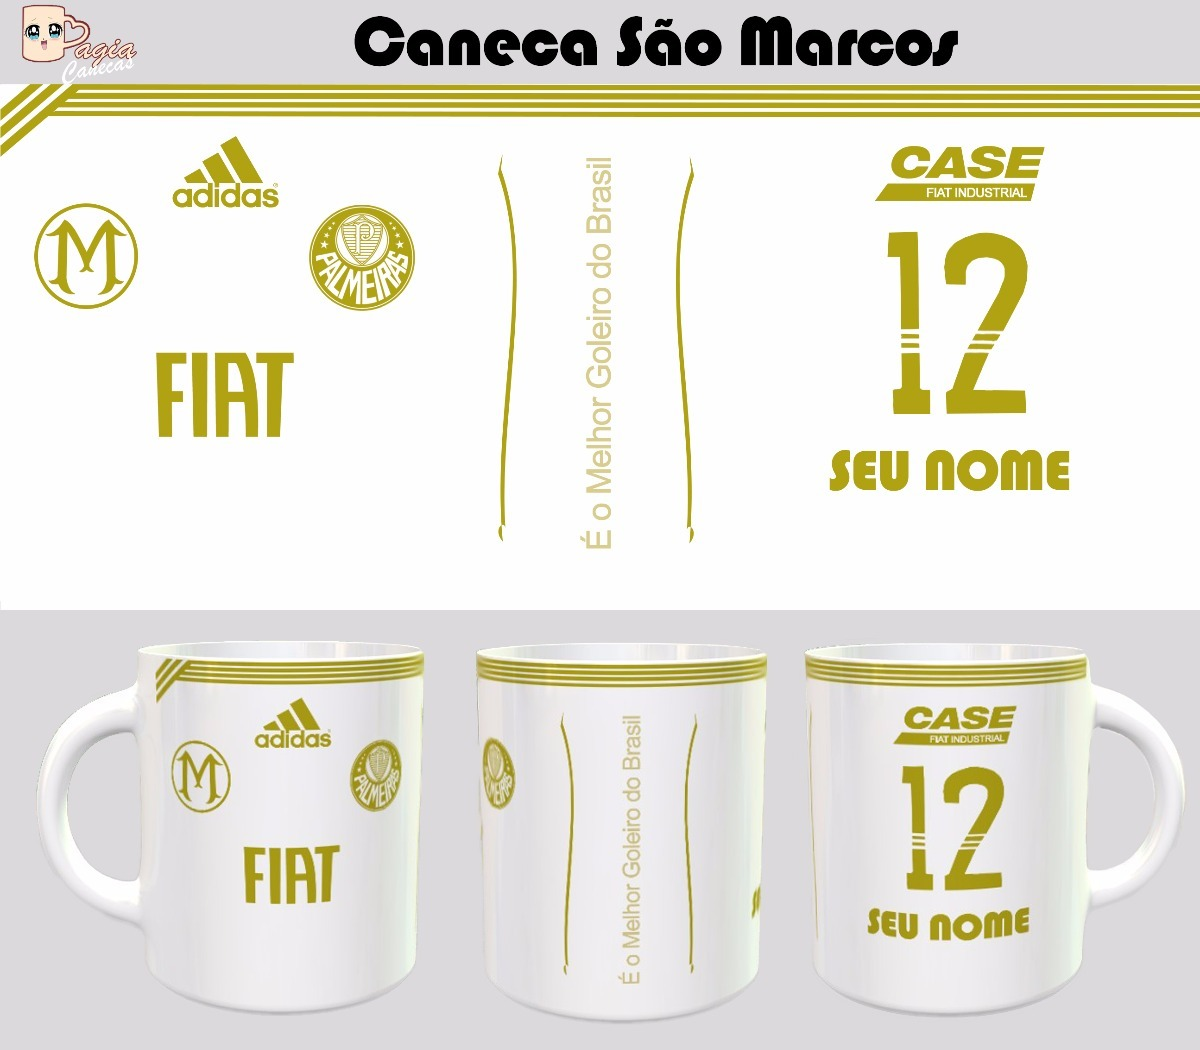 d20852f538 Caneca Camisa São Marcos Palmeiras - Lançamento - R  38